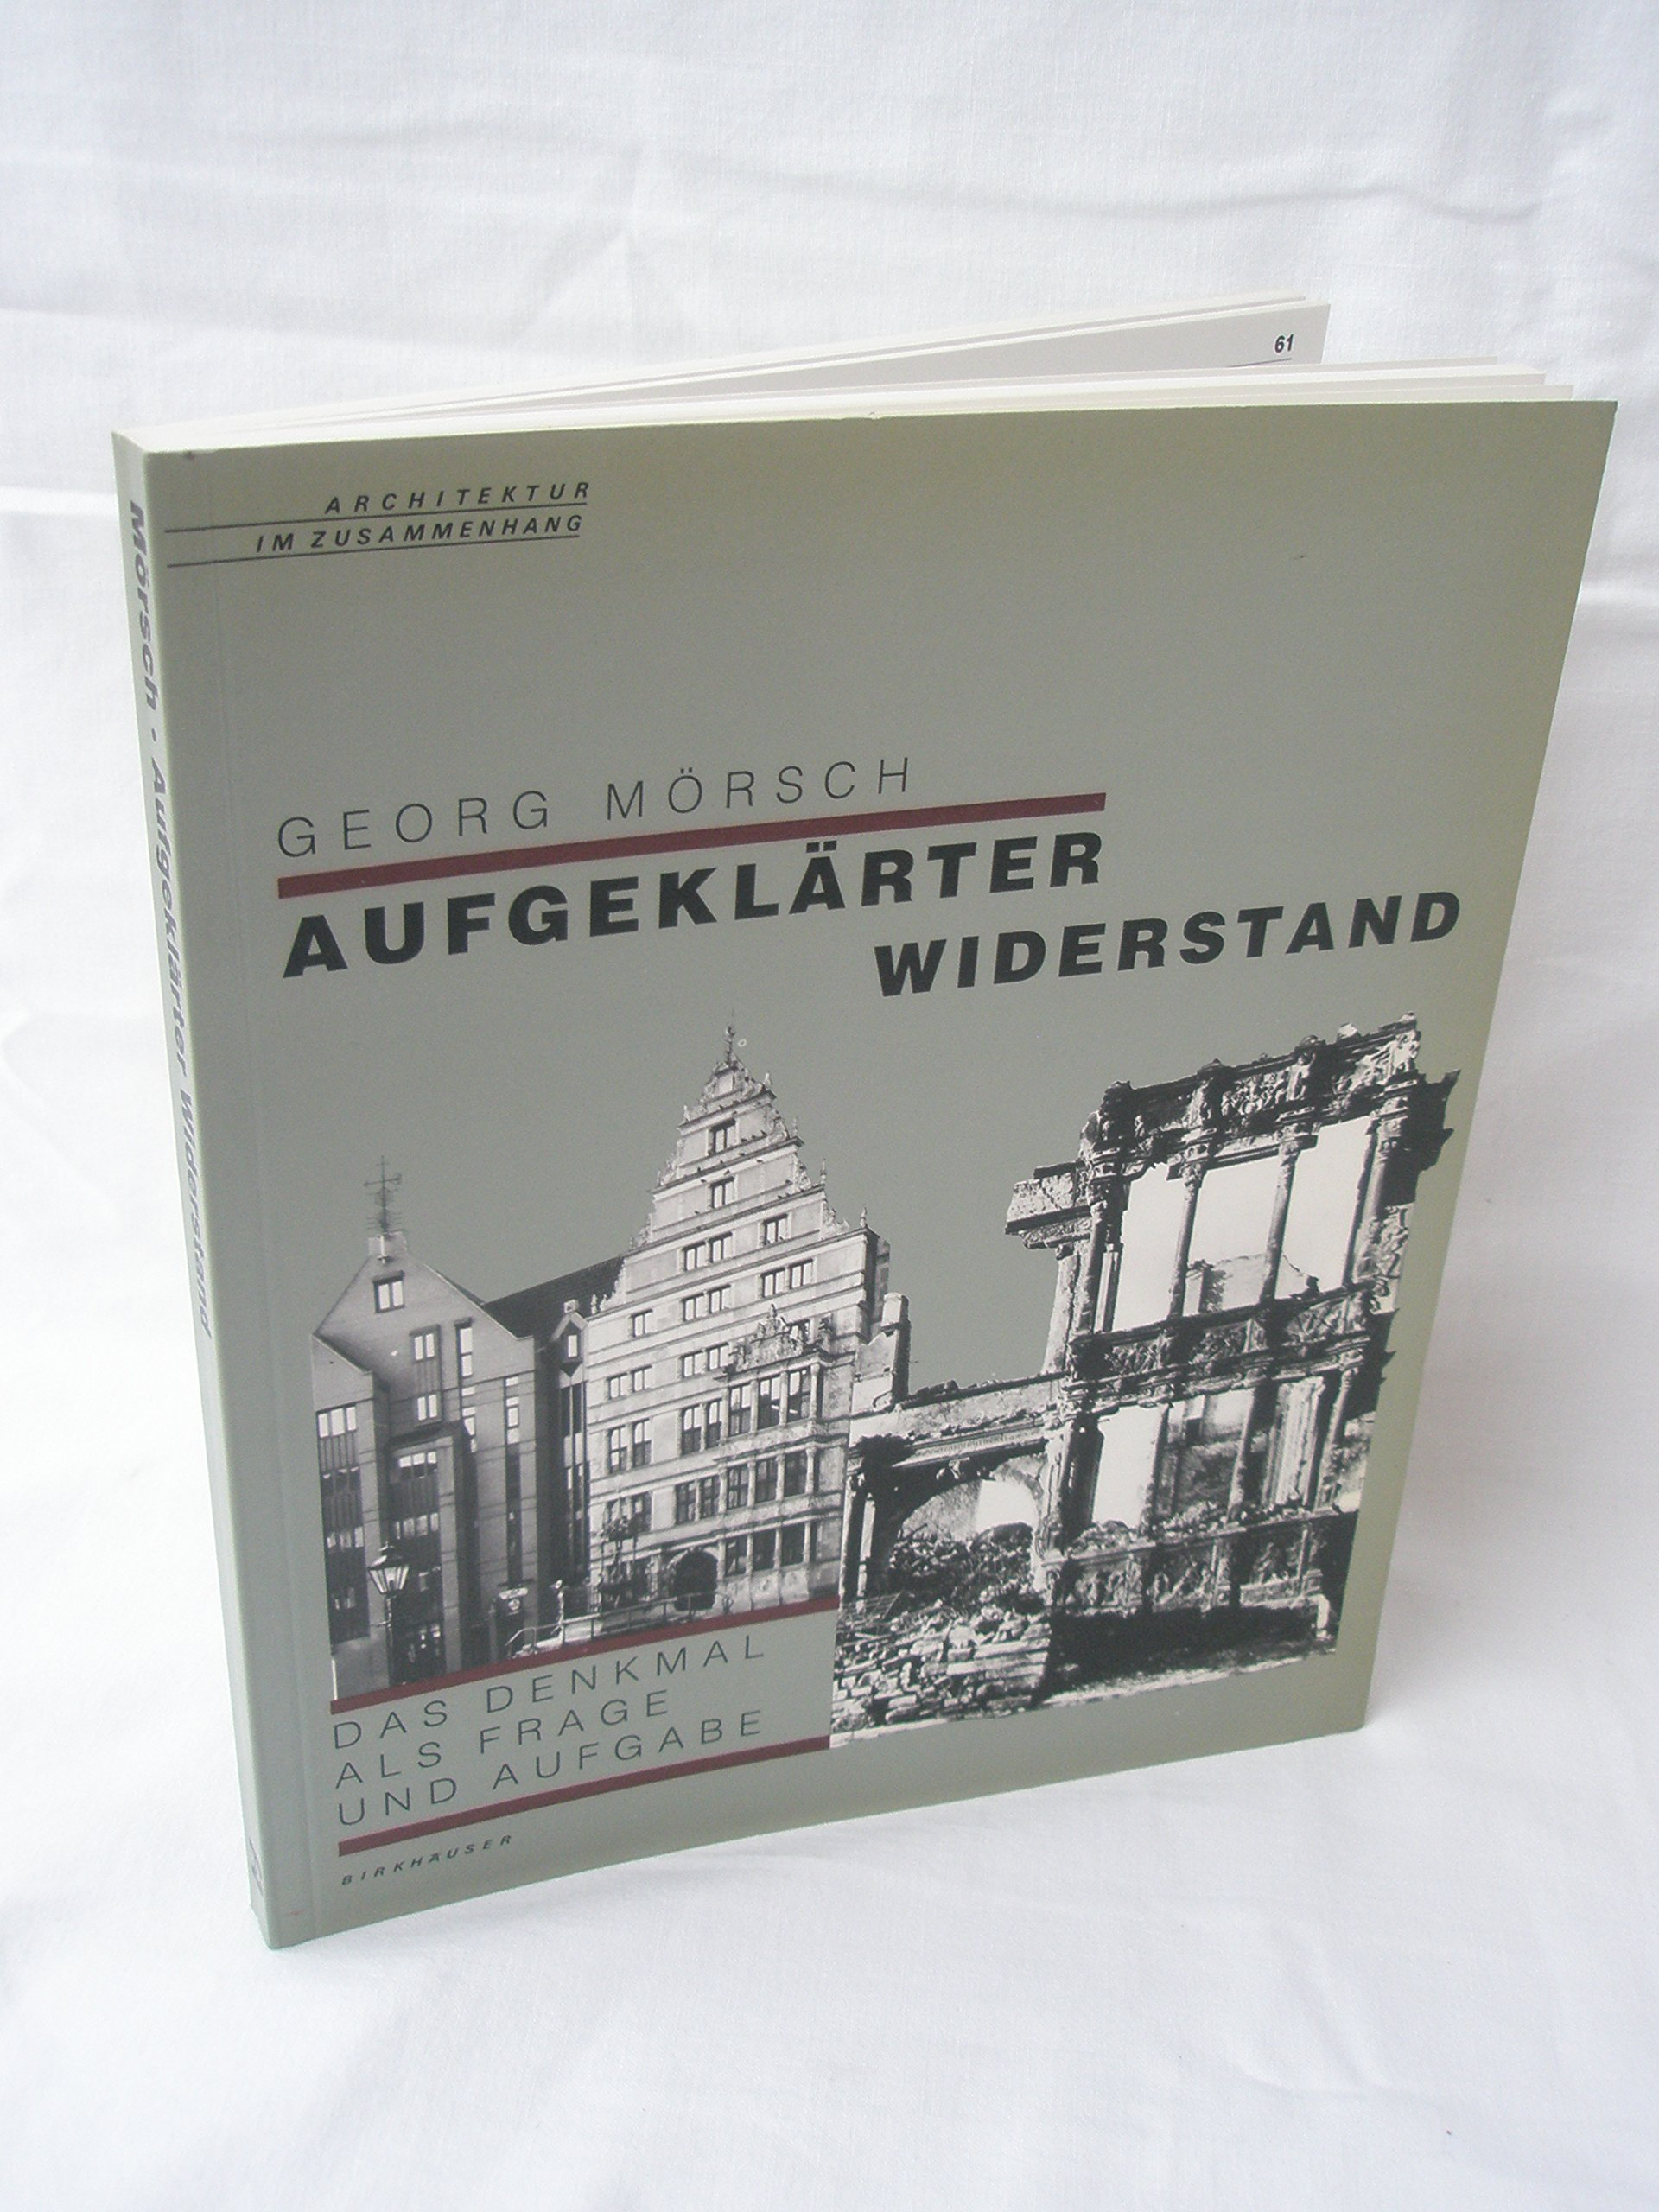 Denkmalpflege als aufgeklärter Widerstand Architektur im Zusammenhang: DAS DENKMAL ALS FRAGE und Aufgabe